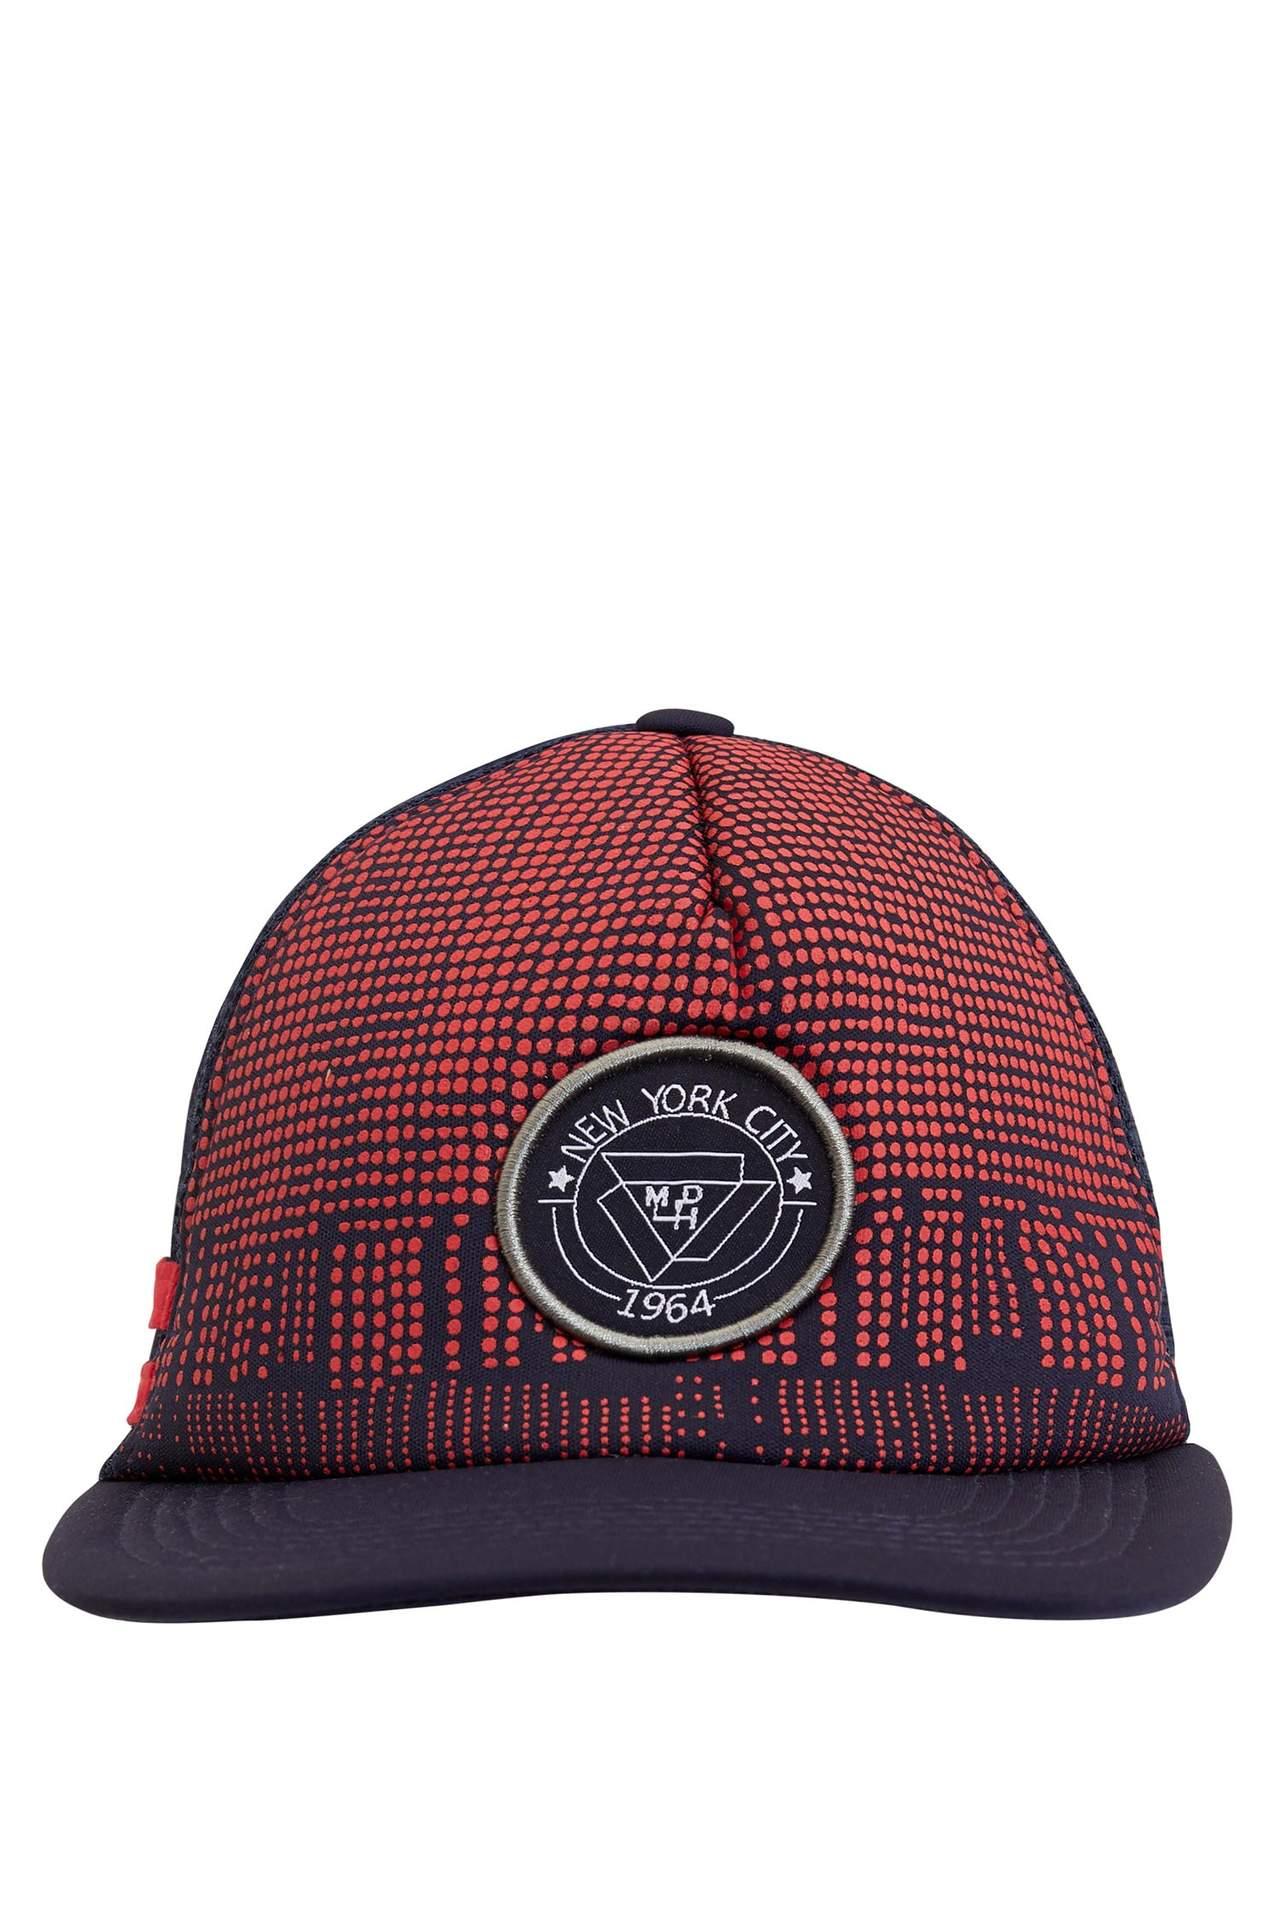 DeFacto Erkek Çocuk Baskılı Hip Hop Şapka Lacivert male